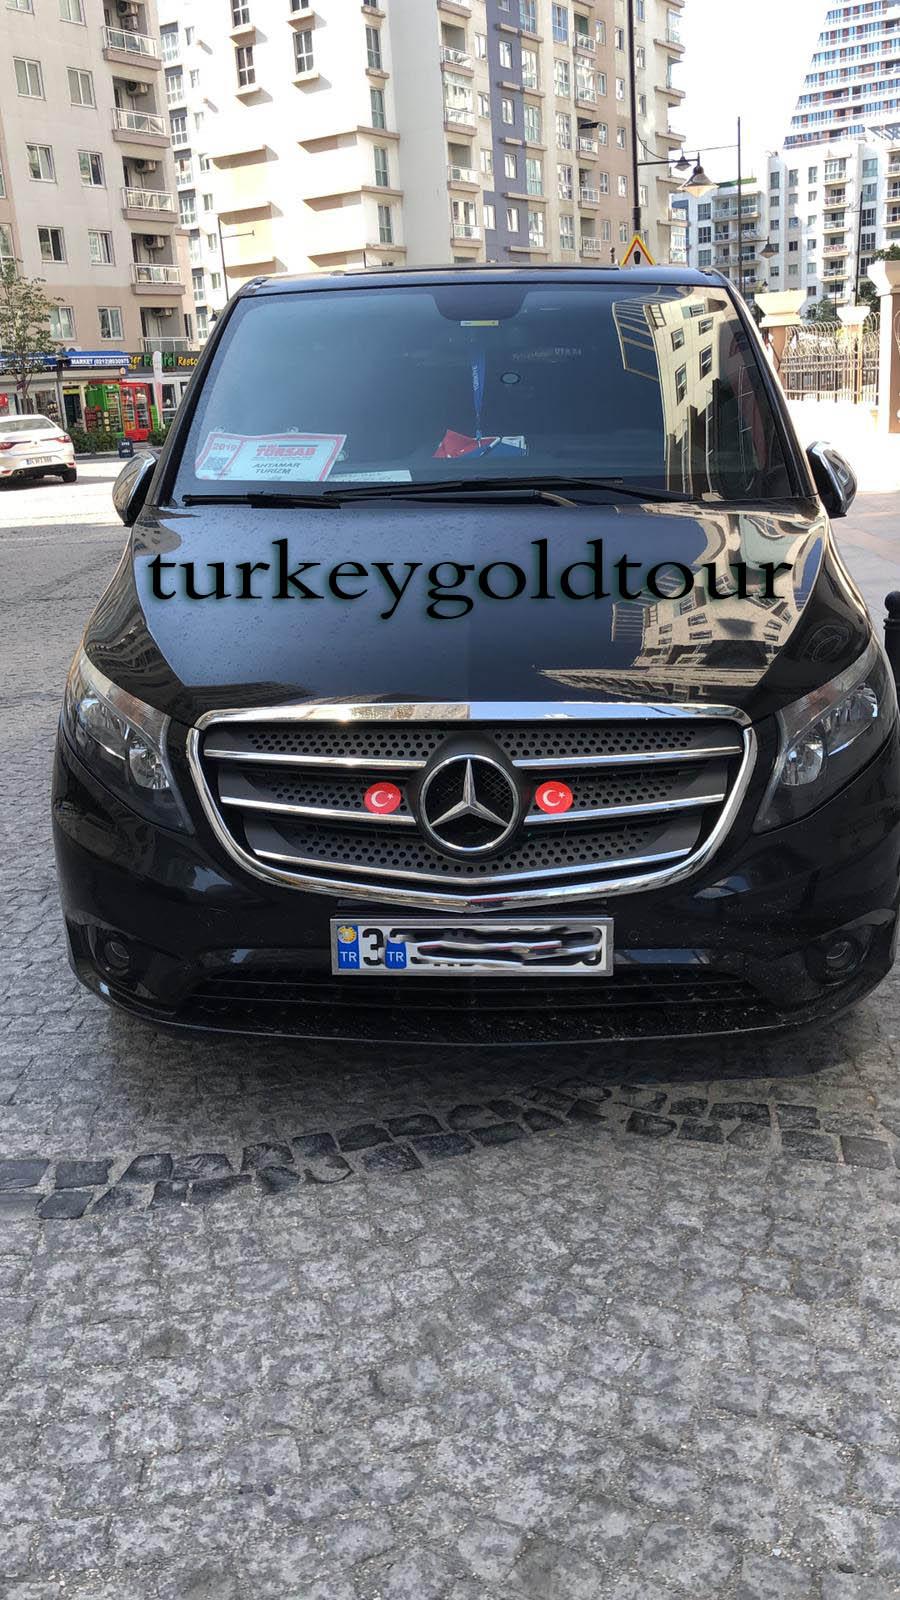 سائق في تركيا